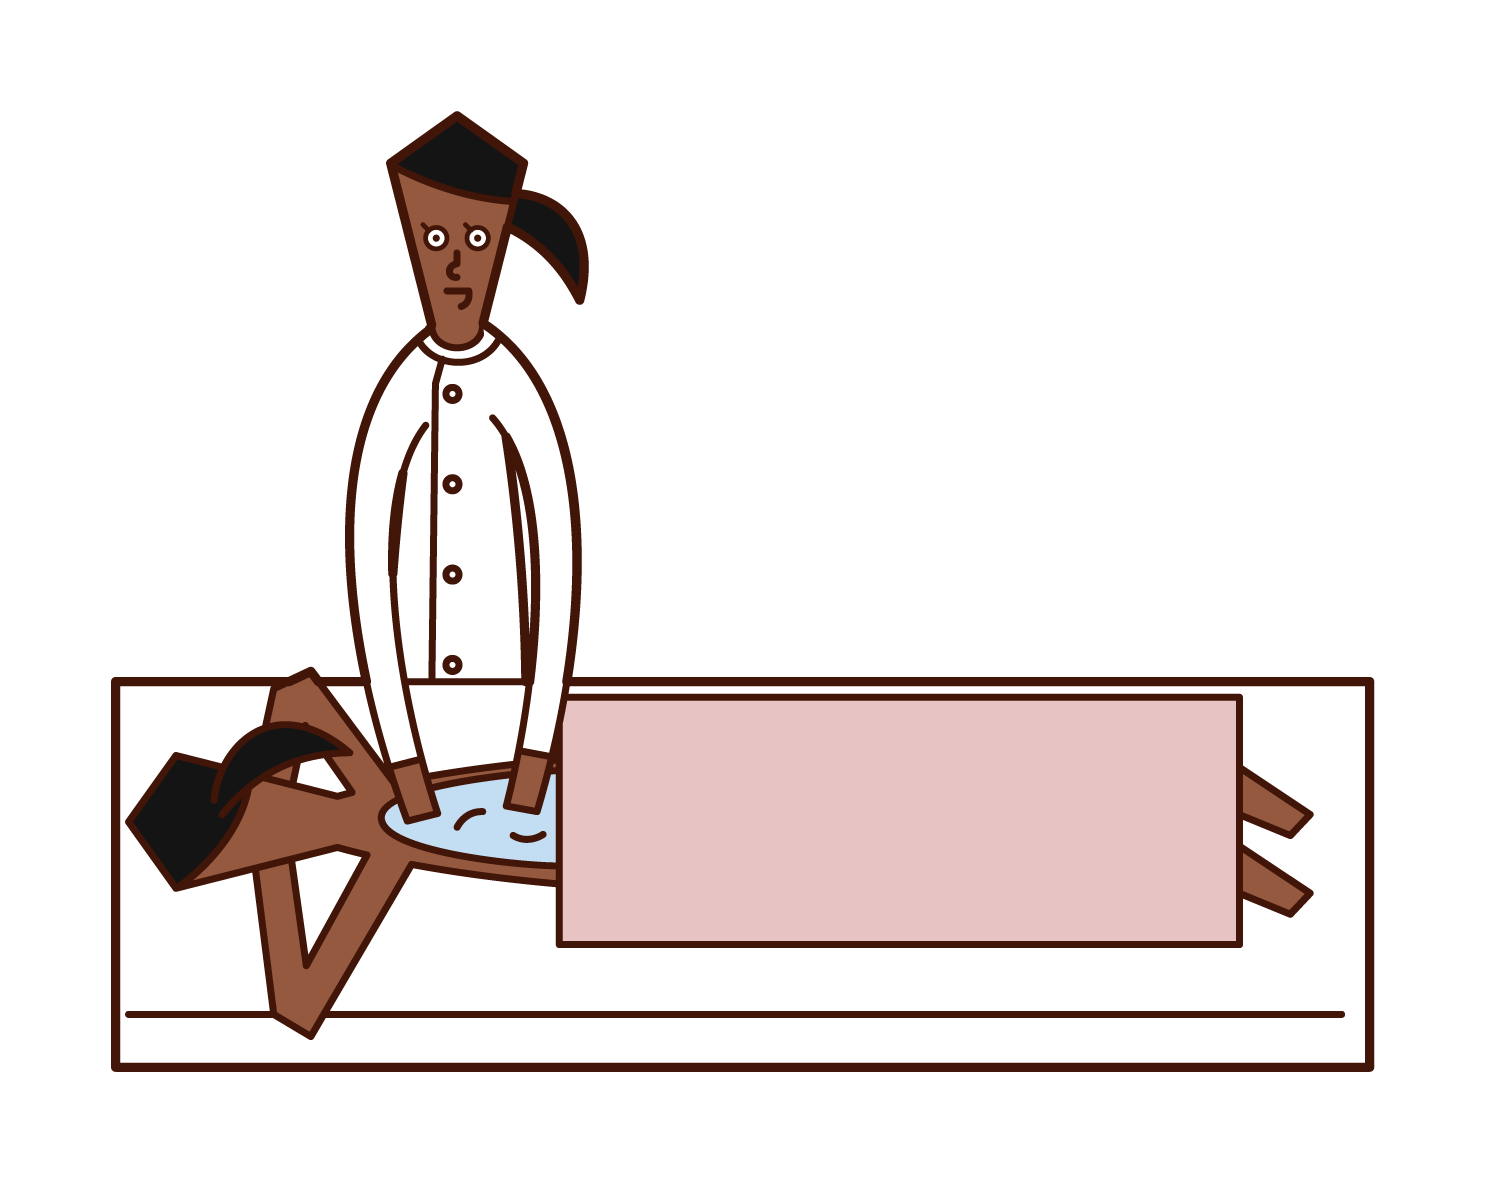 오일 마사지를하는 치료사 (여성)의 그림